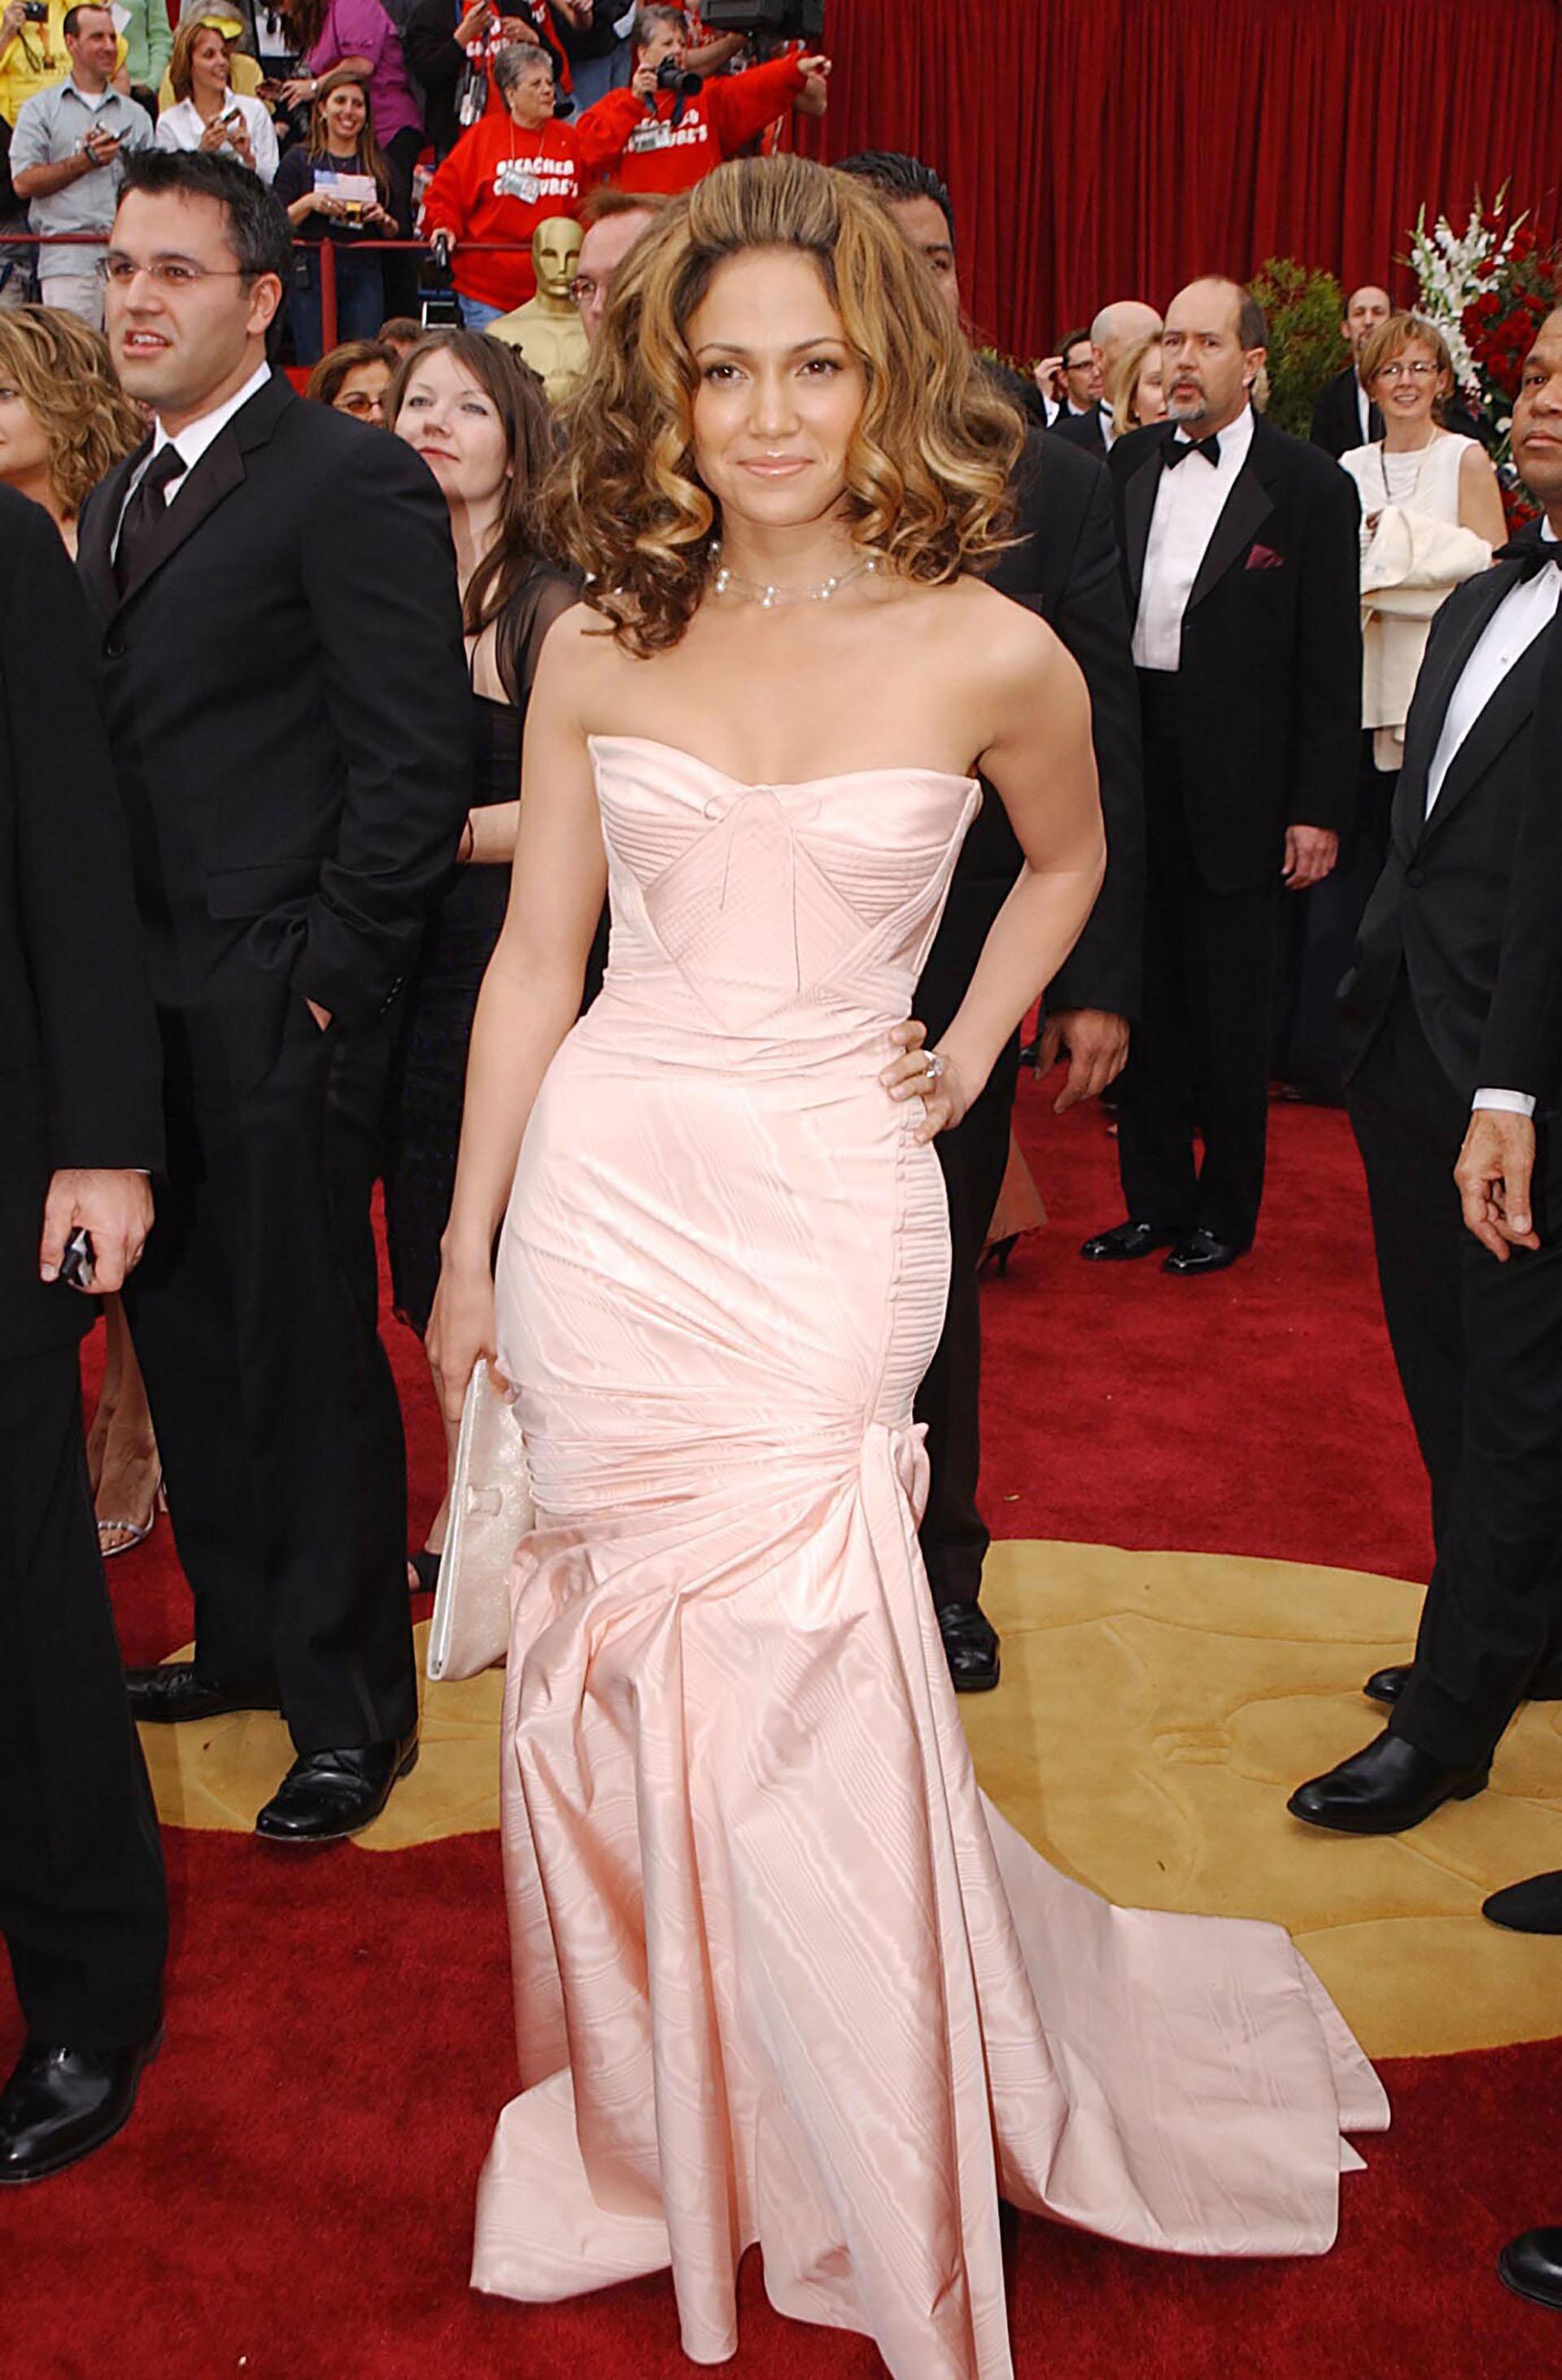 En 2002, la actriz y cantante Jennifer López lució con un vestido de raso Versace., pero su pelo se llevó todo el protagonismo